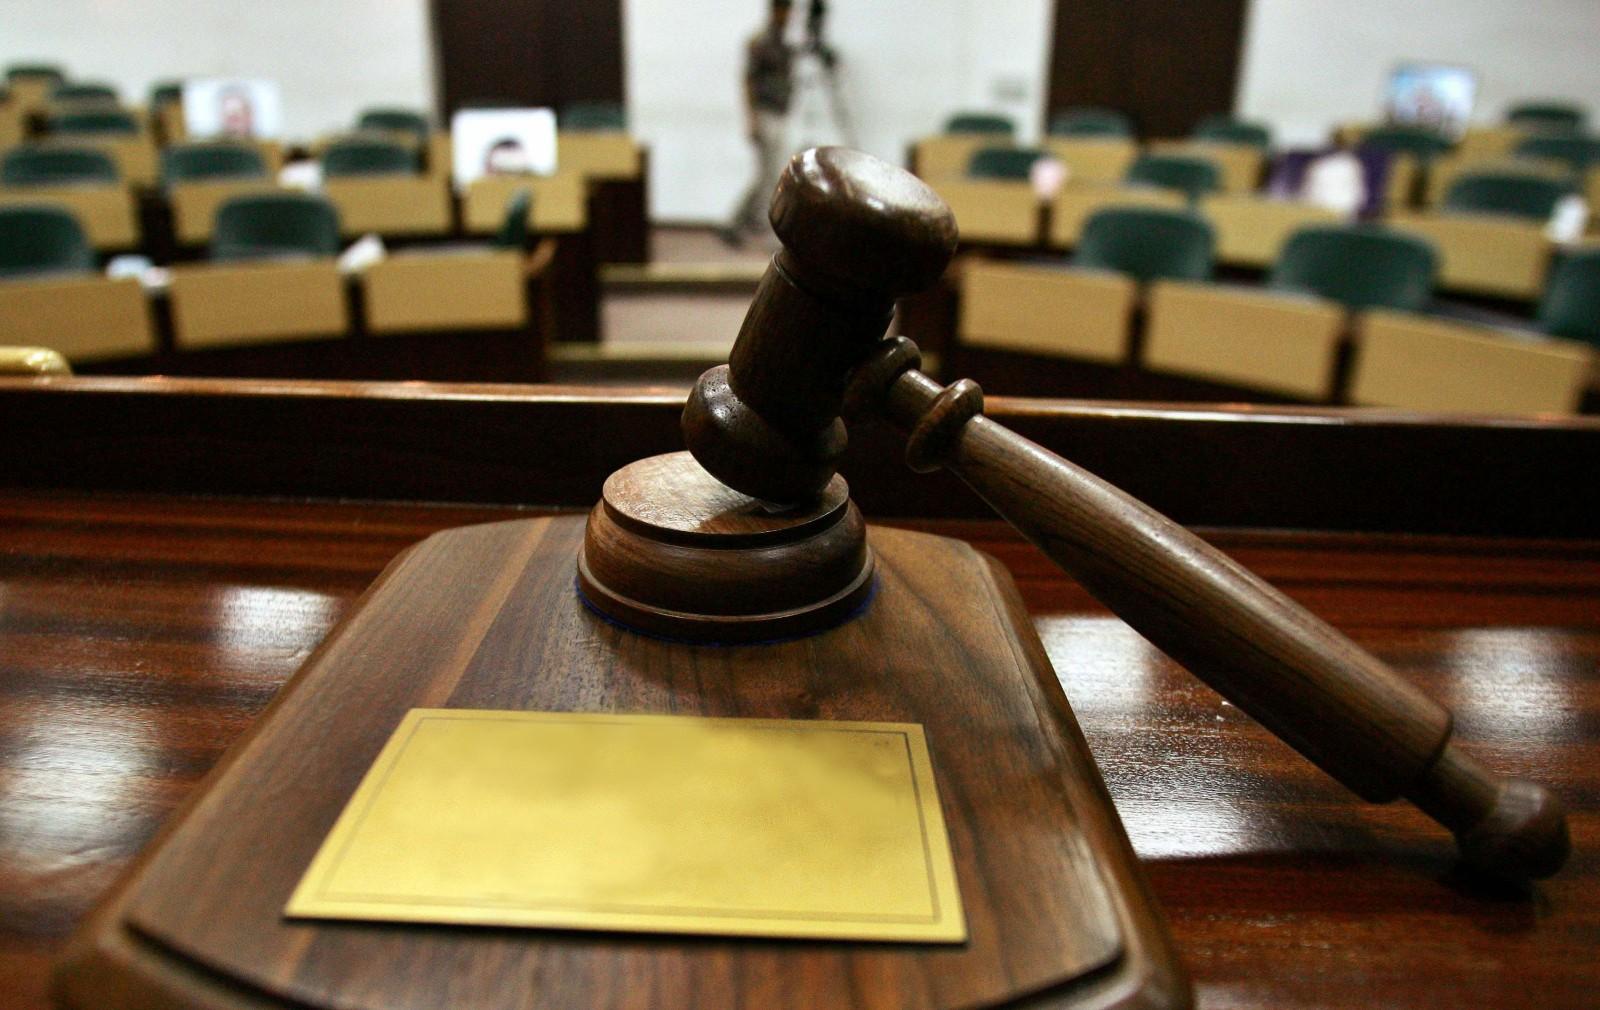 Foștii șefi ai Academiei de Poliție, inculpați în dosarul șantajării jurnalistei Emilia Șercan, nu mai pot preda